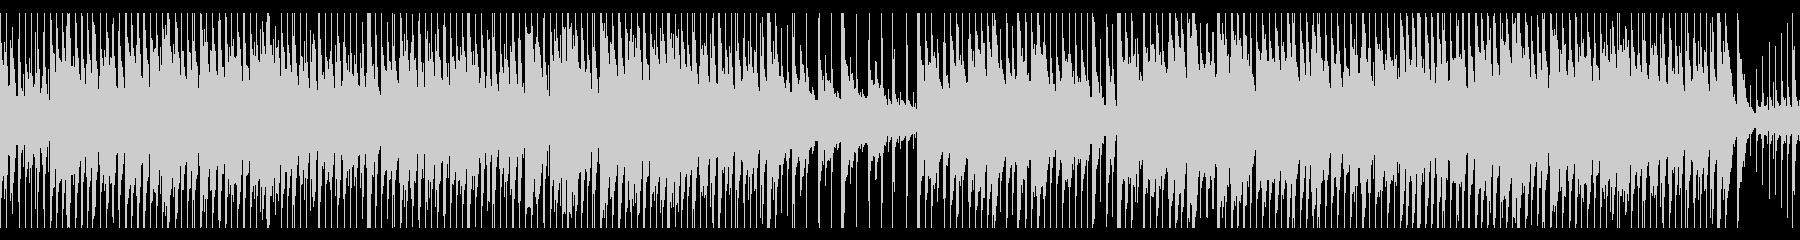 明るみと軽快みがあるジャズピアノの未再生の波形